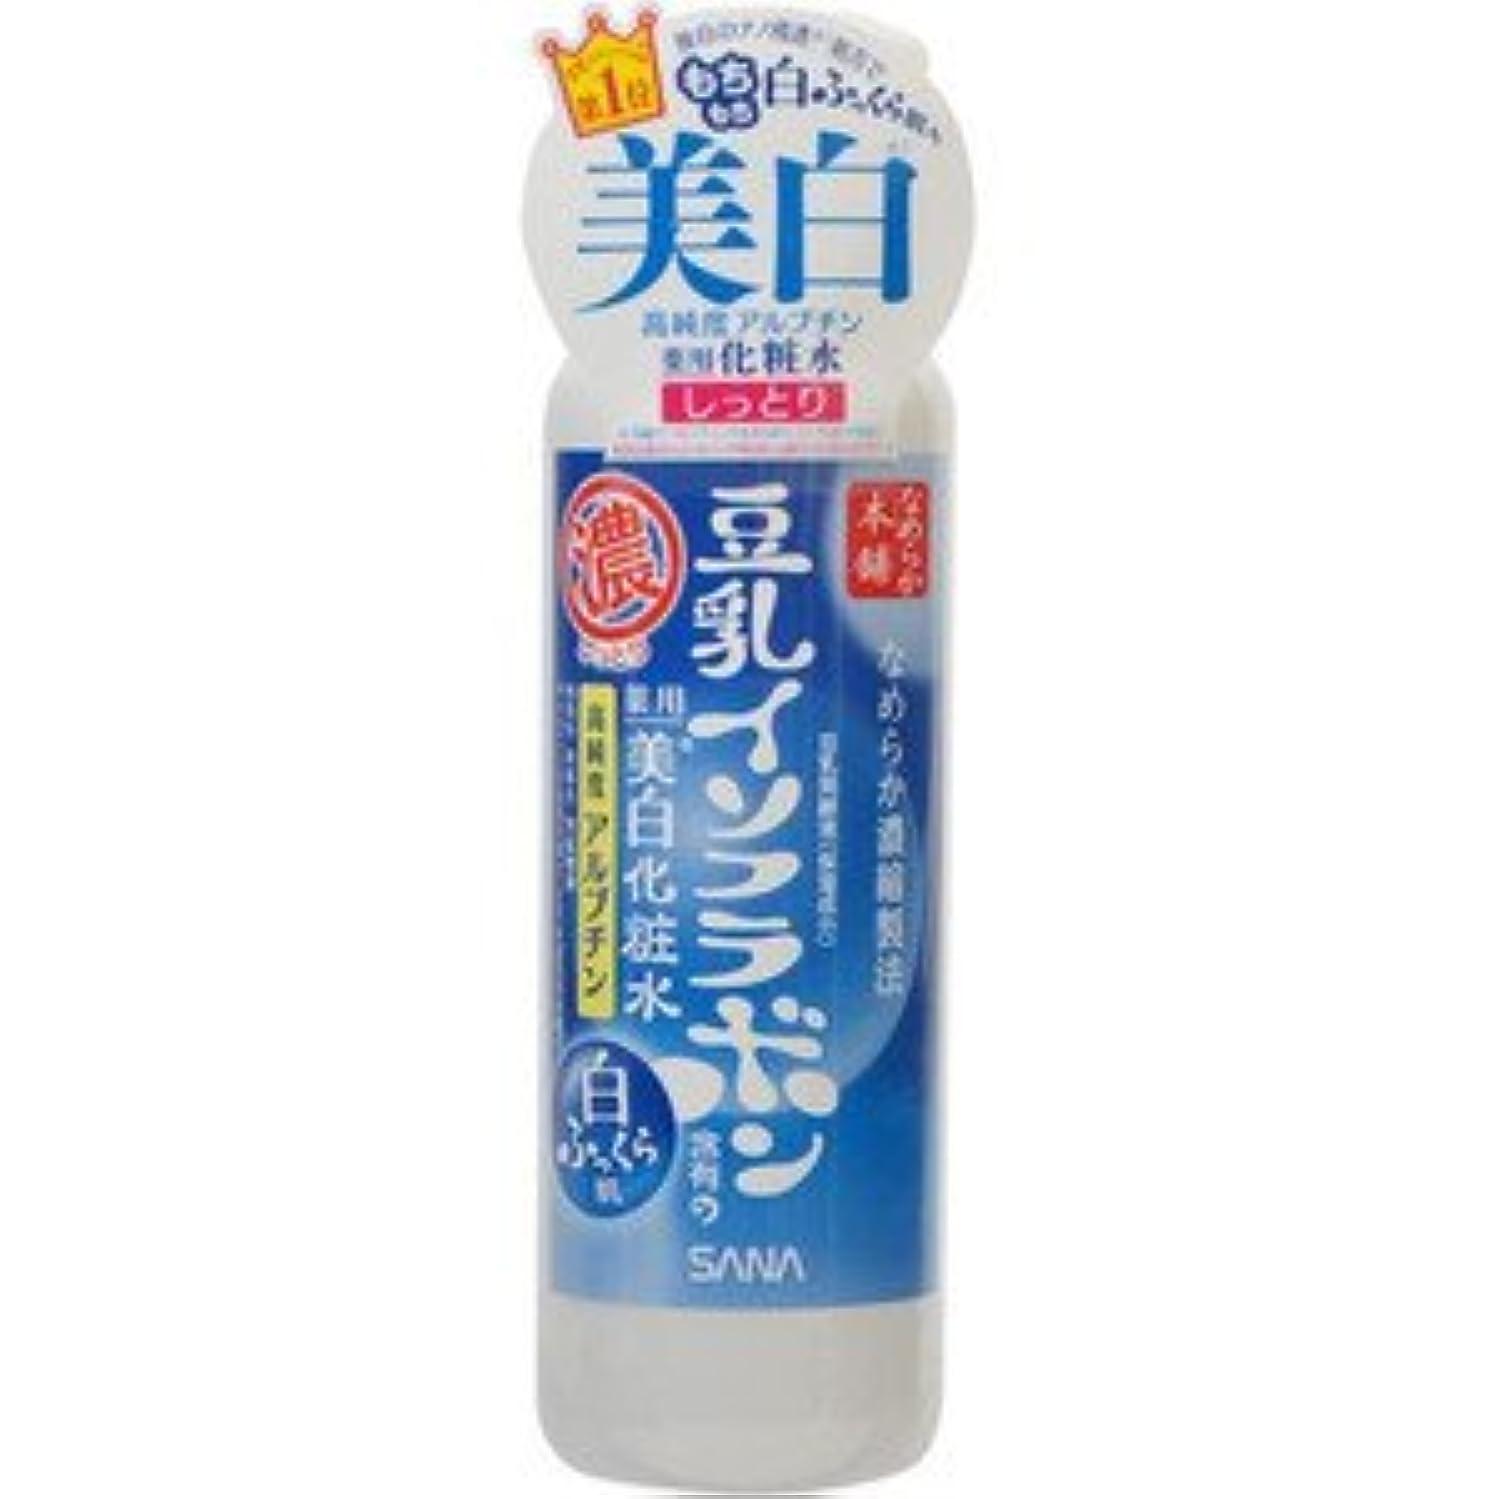 治療操る進捗サナ なめらか本舗 薬用美白しっとり化粧水 × 3個セット